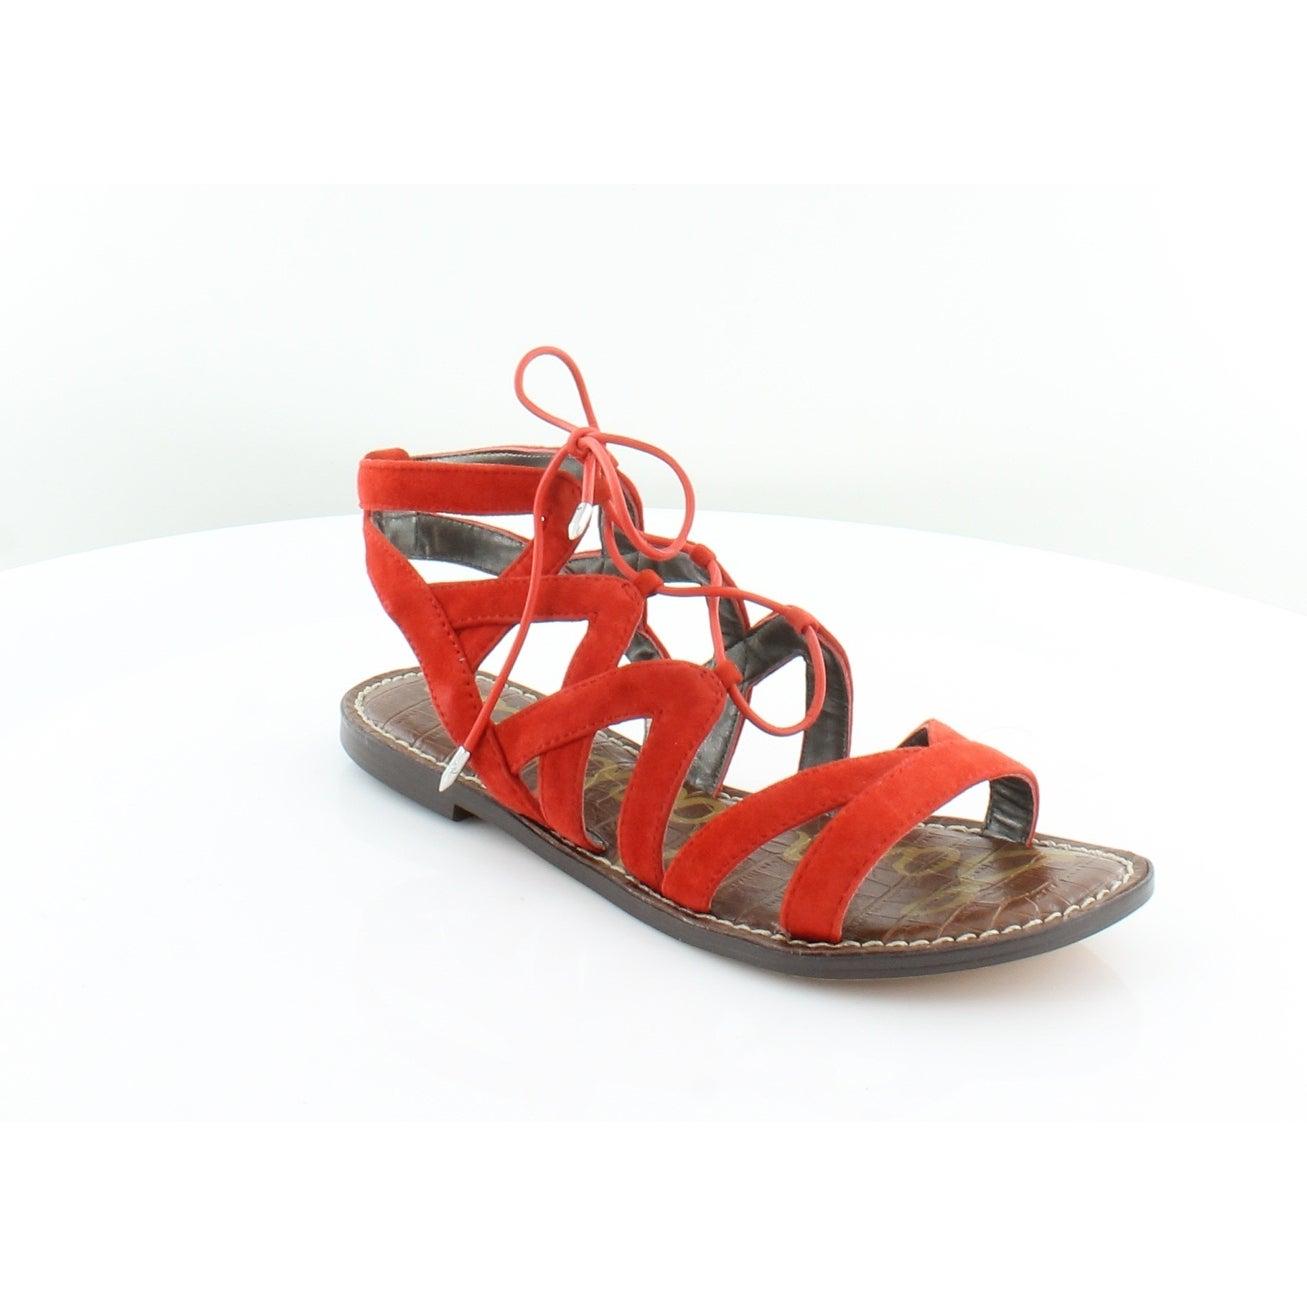 35390b462 Shop Sam Edelman Gemma Women s Sandals BloodORNG - 6.5 - Free ...